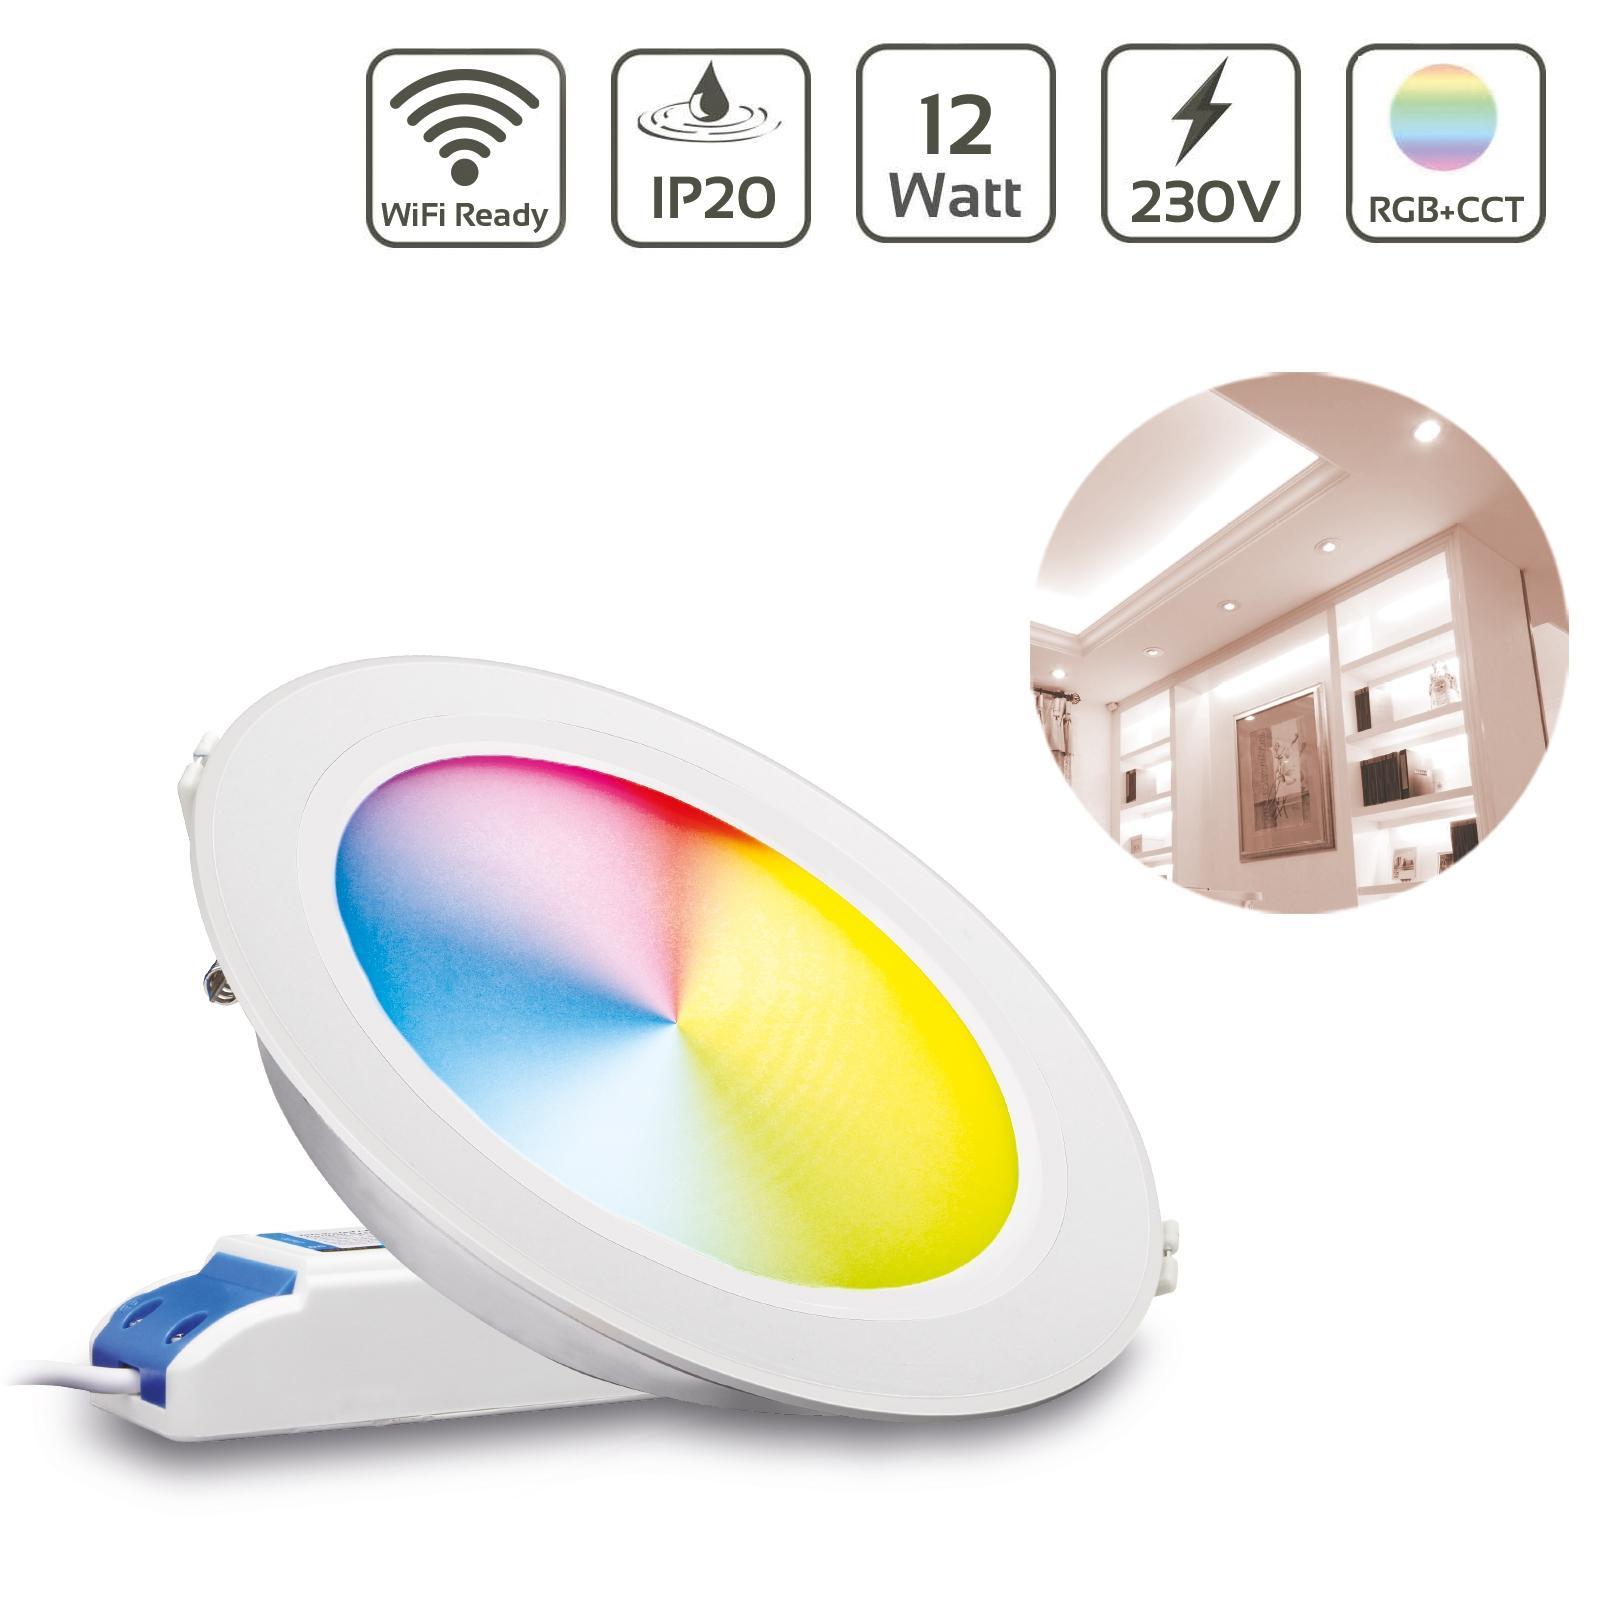 MiBoxer LED Einbaustrahler RGB+CCT 12W Ø180mm 2,4GHz WiFi ready